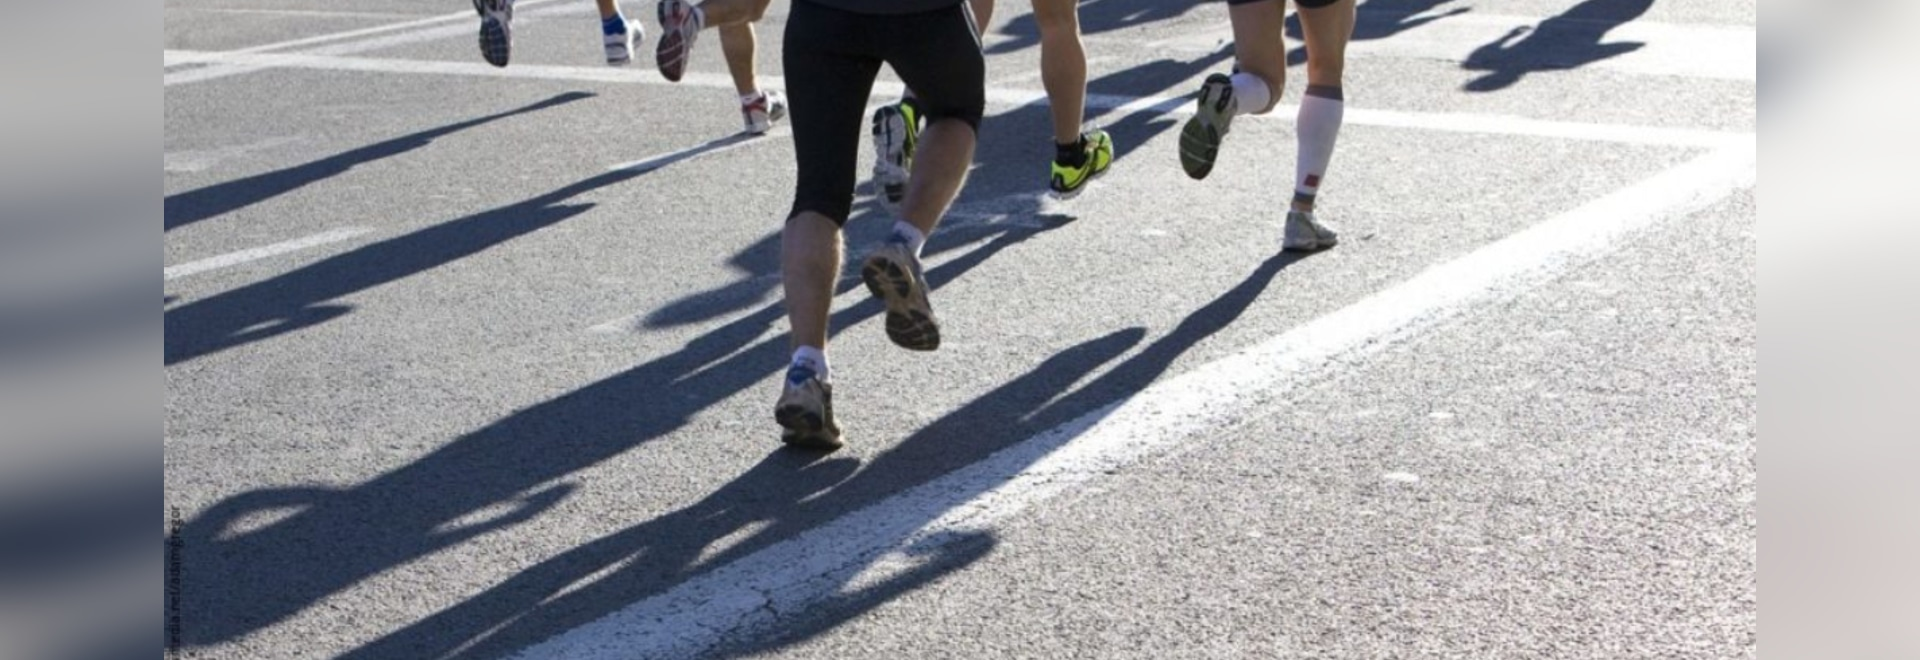 Medicina dello sport - continuare a muoversi per mantenersi in salute